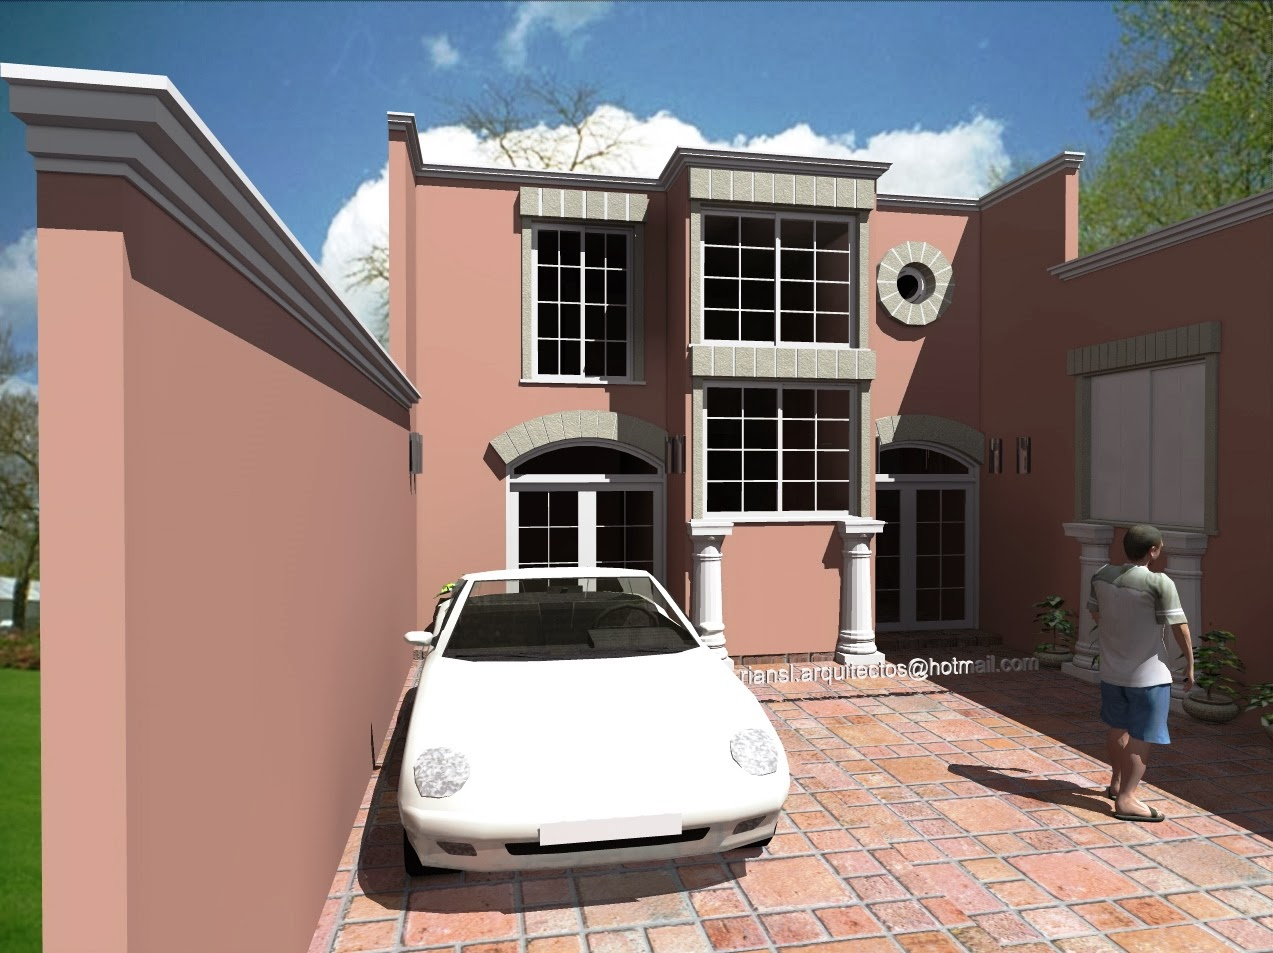 Proyectos virtuales dise o de casa habitaci n en 3d arq for Diseno de interiores virtual